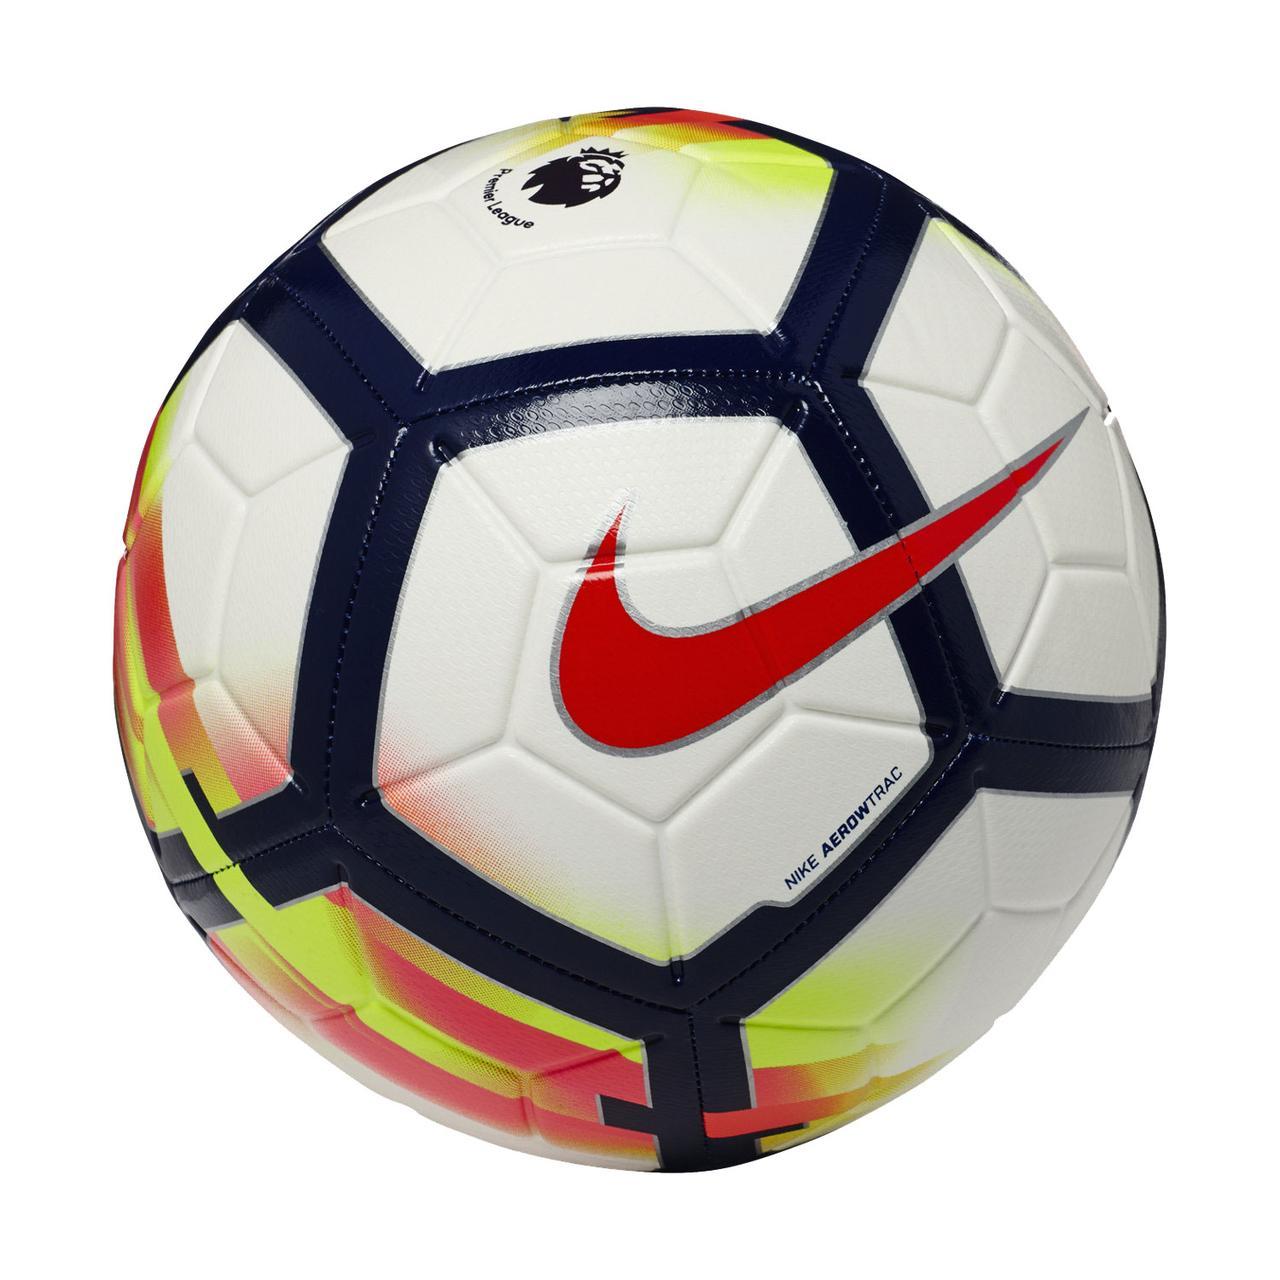 Футбольный мяч Nike PL Strike (SC3148-100) - Оригинал